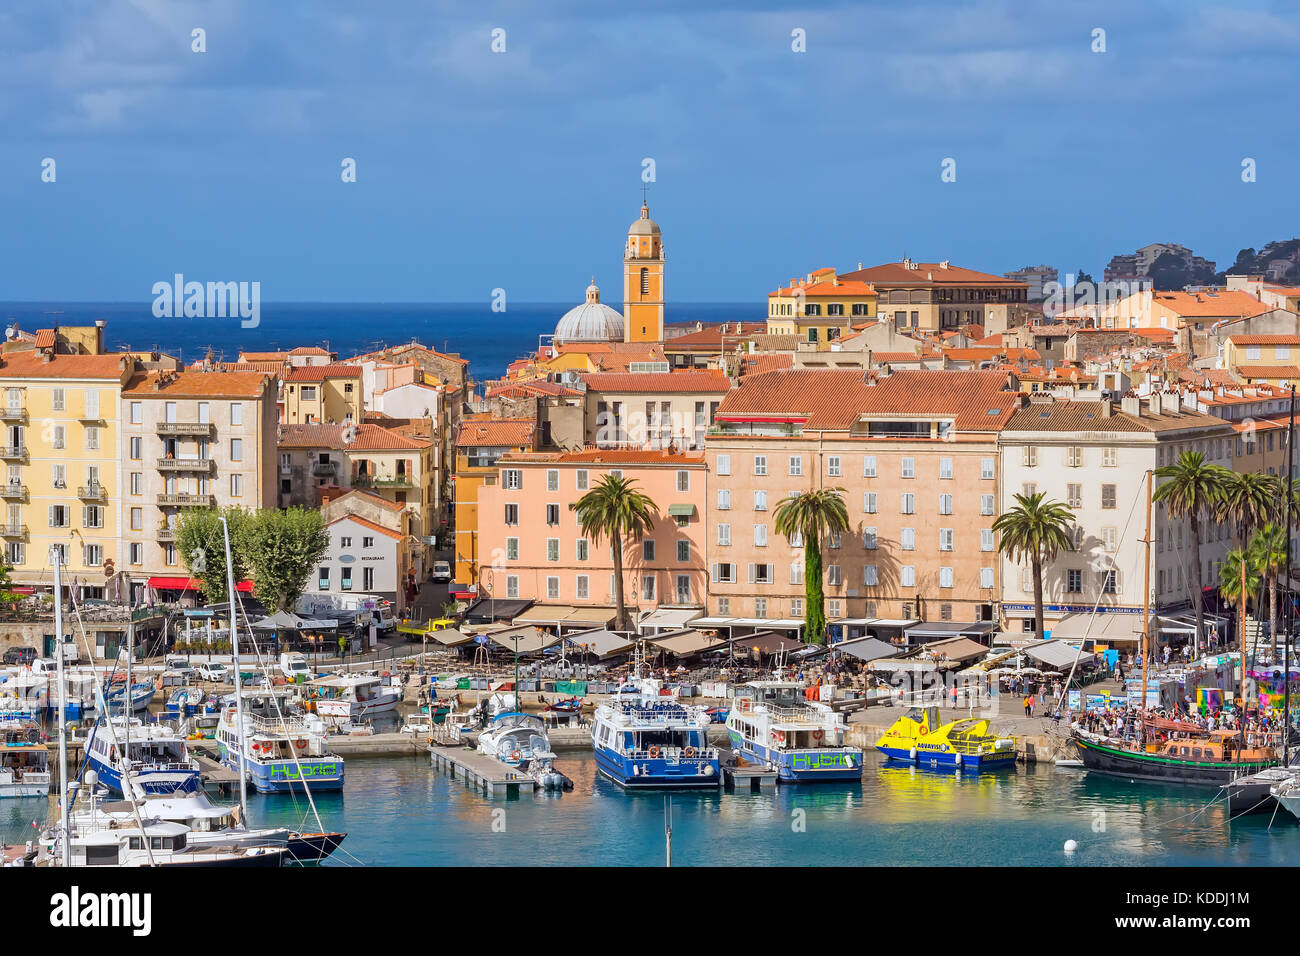 Arriba mirando hacia abajo en Ajaccio puerto deportivo y el casco antiguo de la ciudad, Córcega, Francia. Imagen De Stock